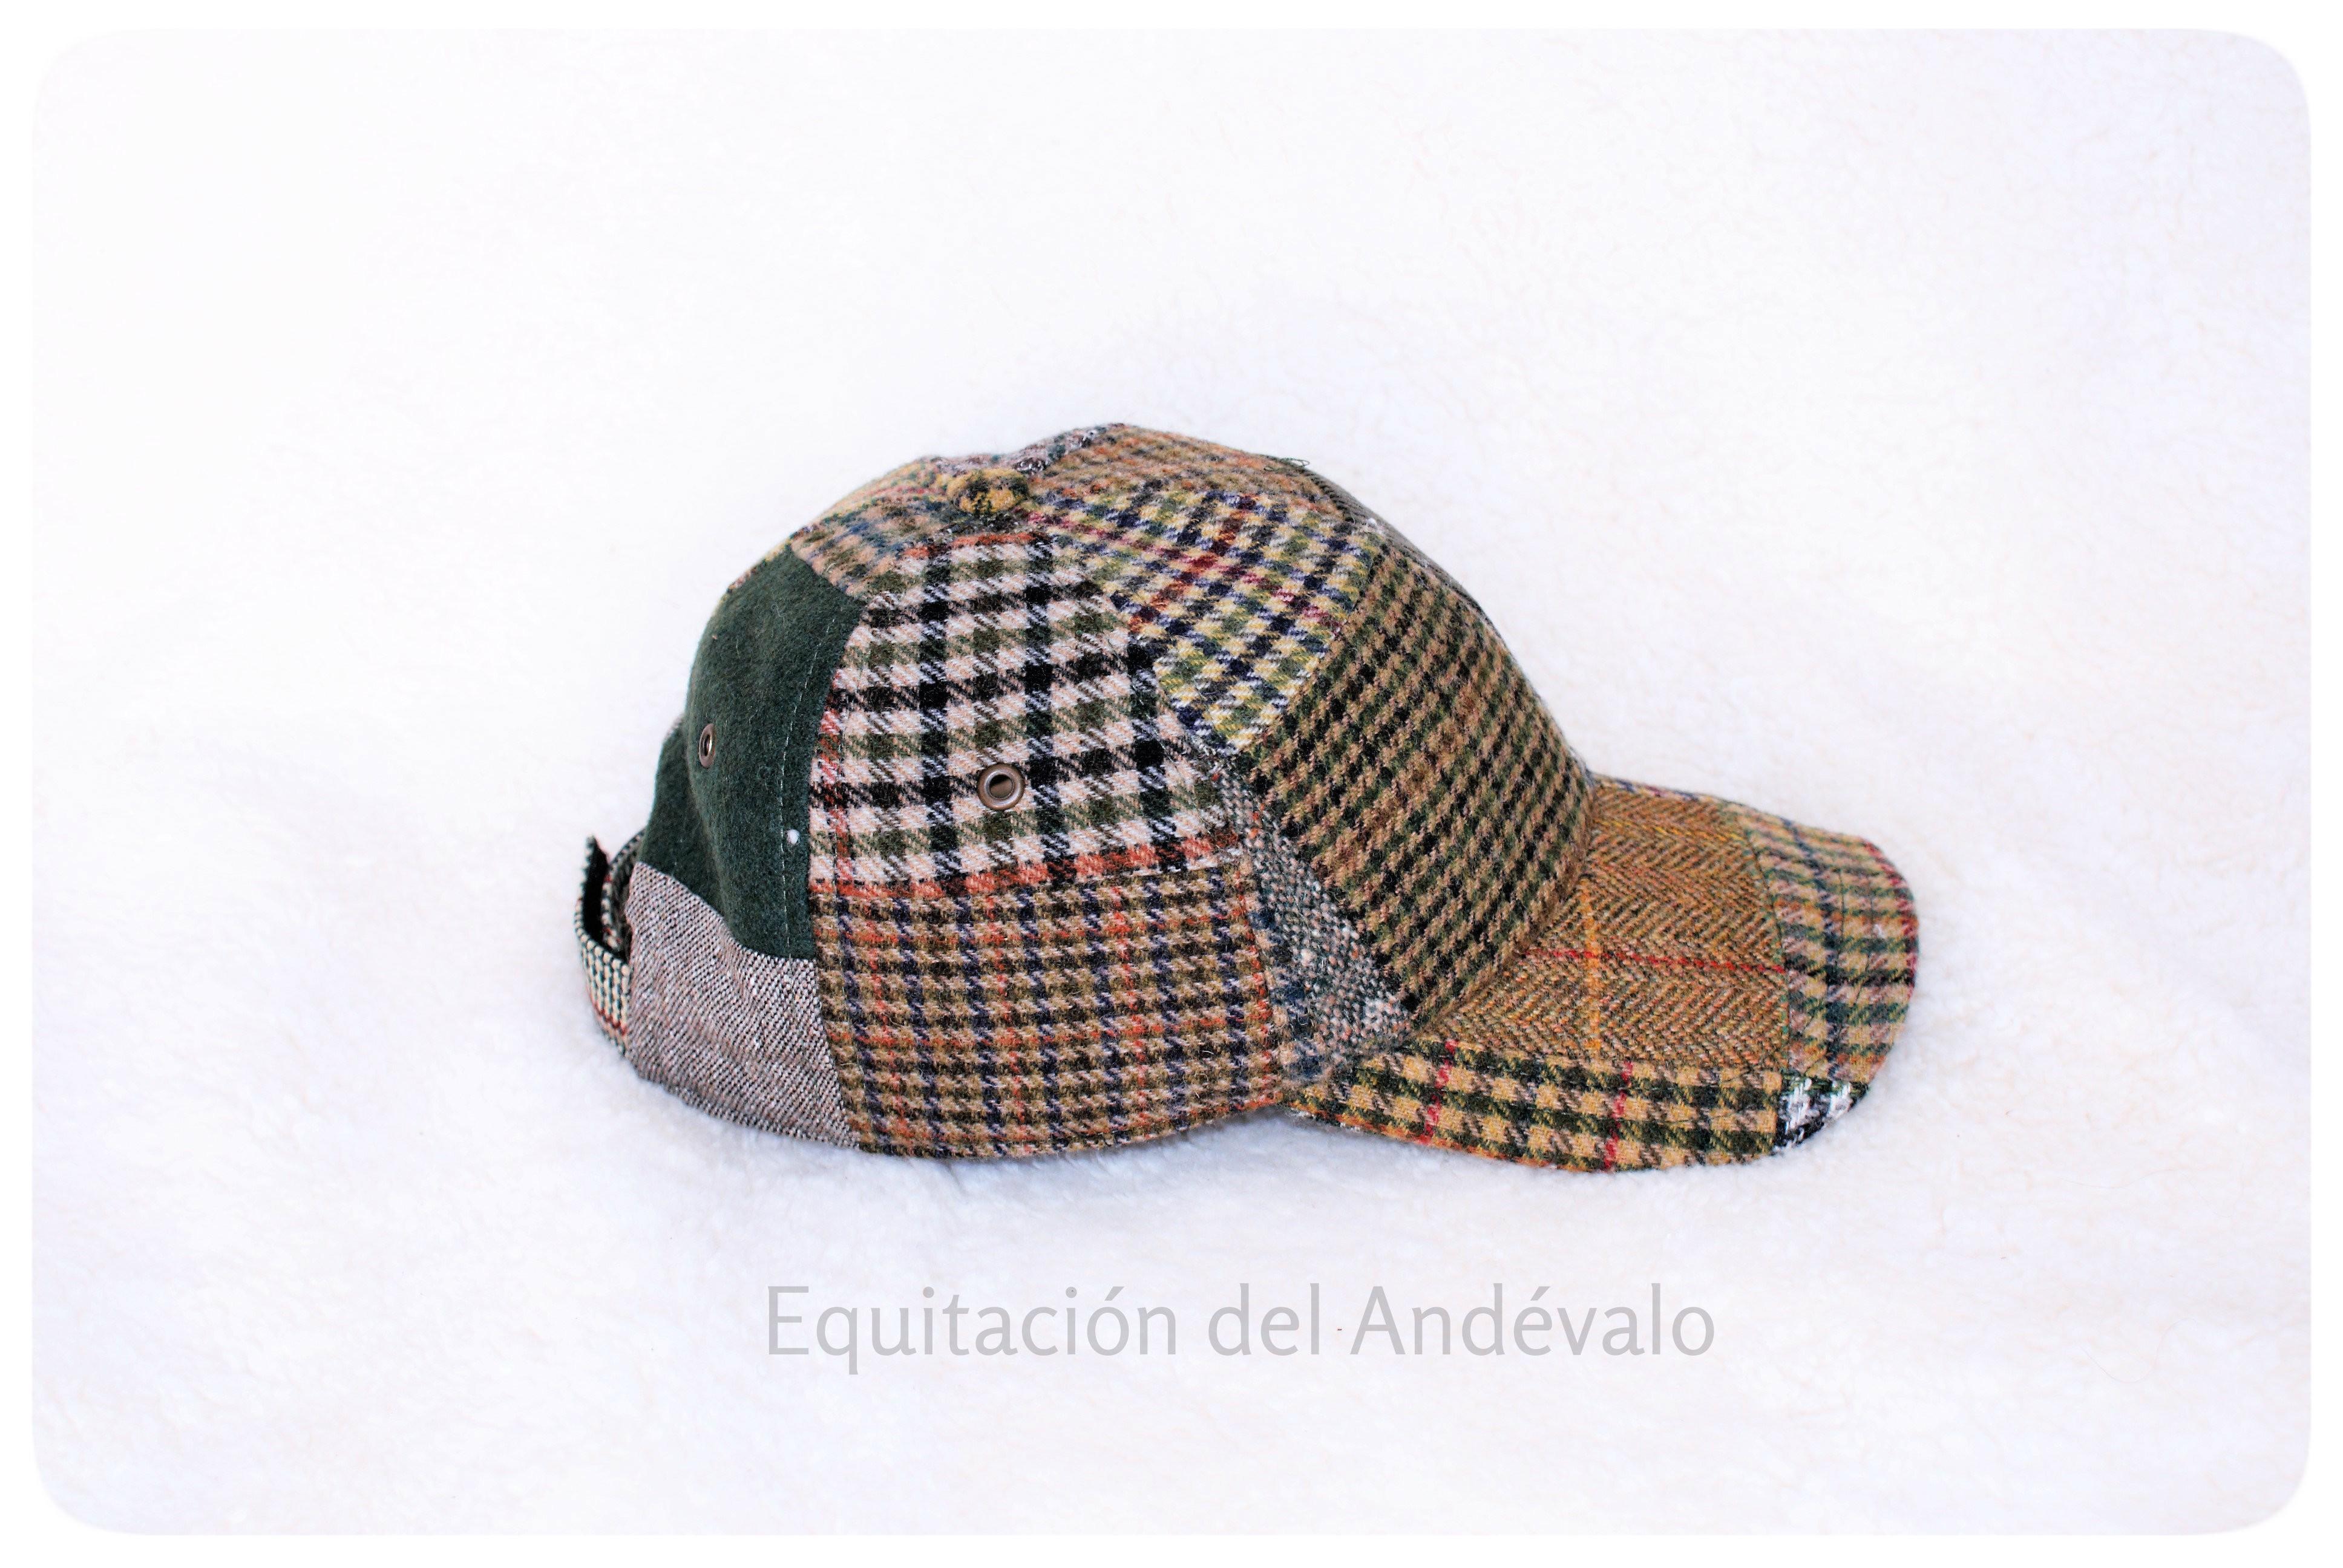 Equipo del Jinete y Amazona - Equitacion del Andevalo 3cb7d8467cc